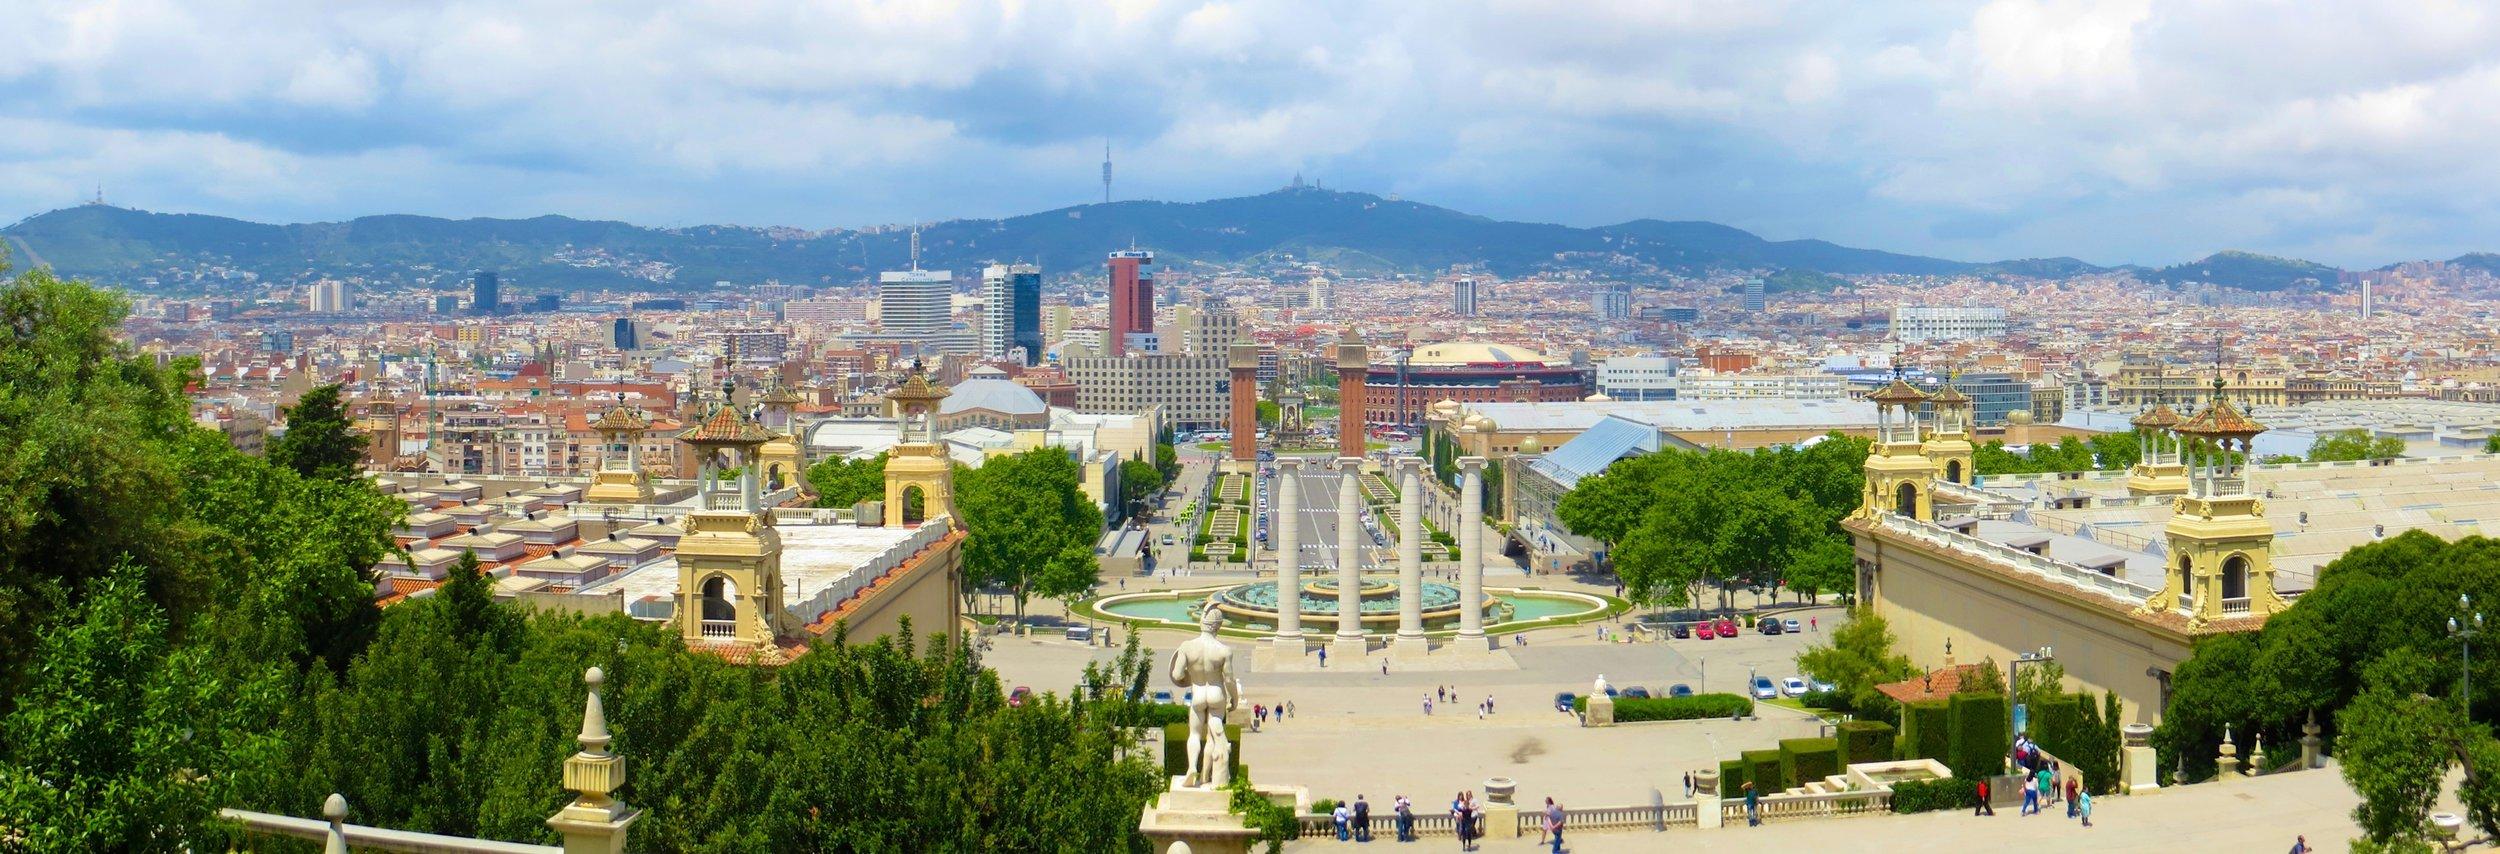 Barcelona Plaza Espana panorama